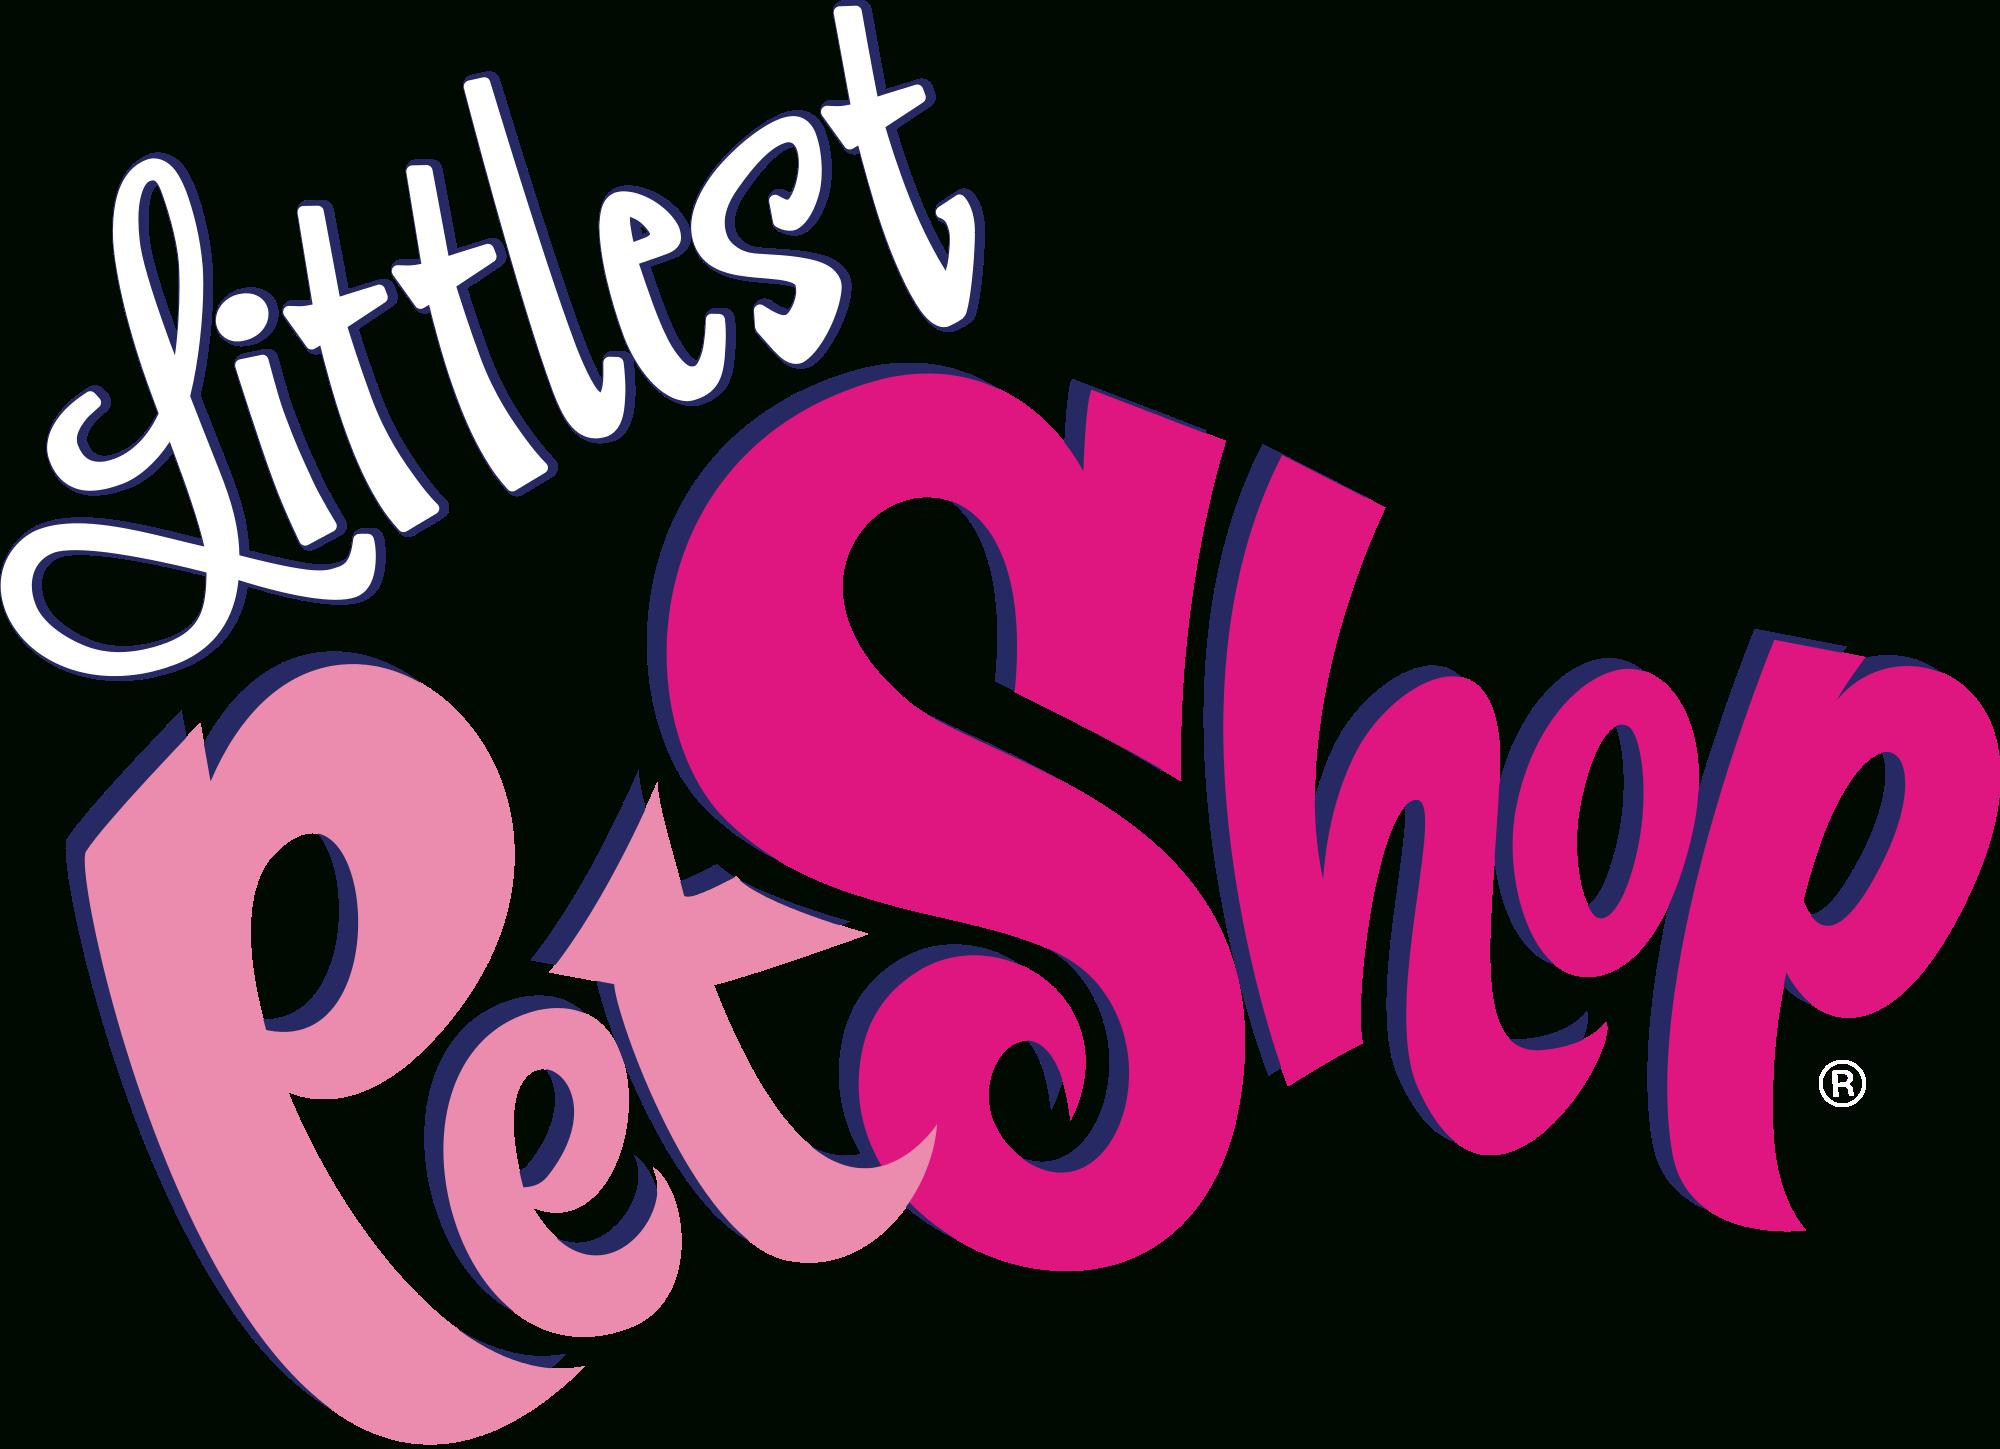 Animăluțele Littlest Pet Shop - Wikipedia tout Dessin De Petshop